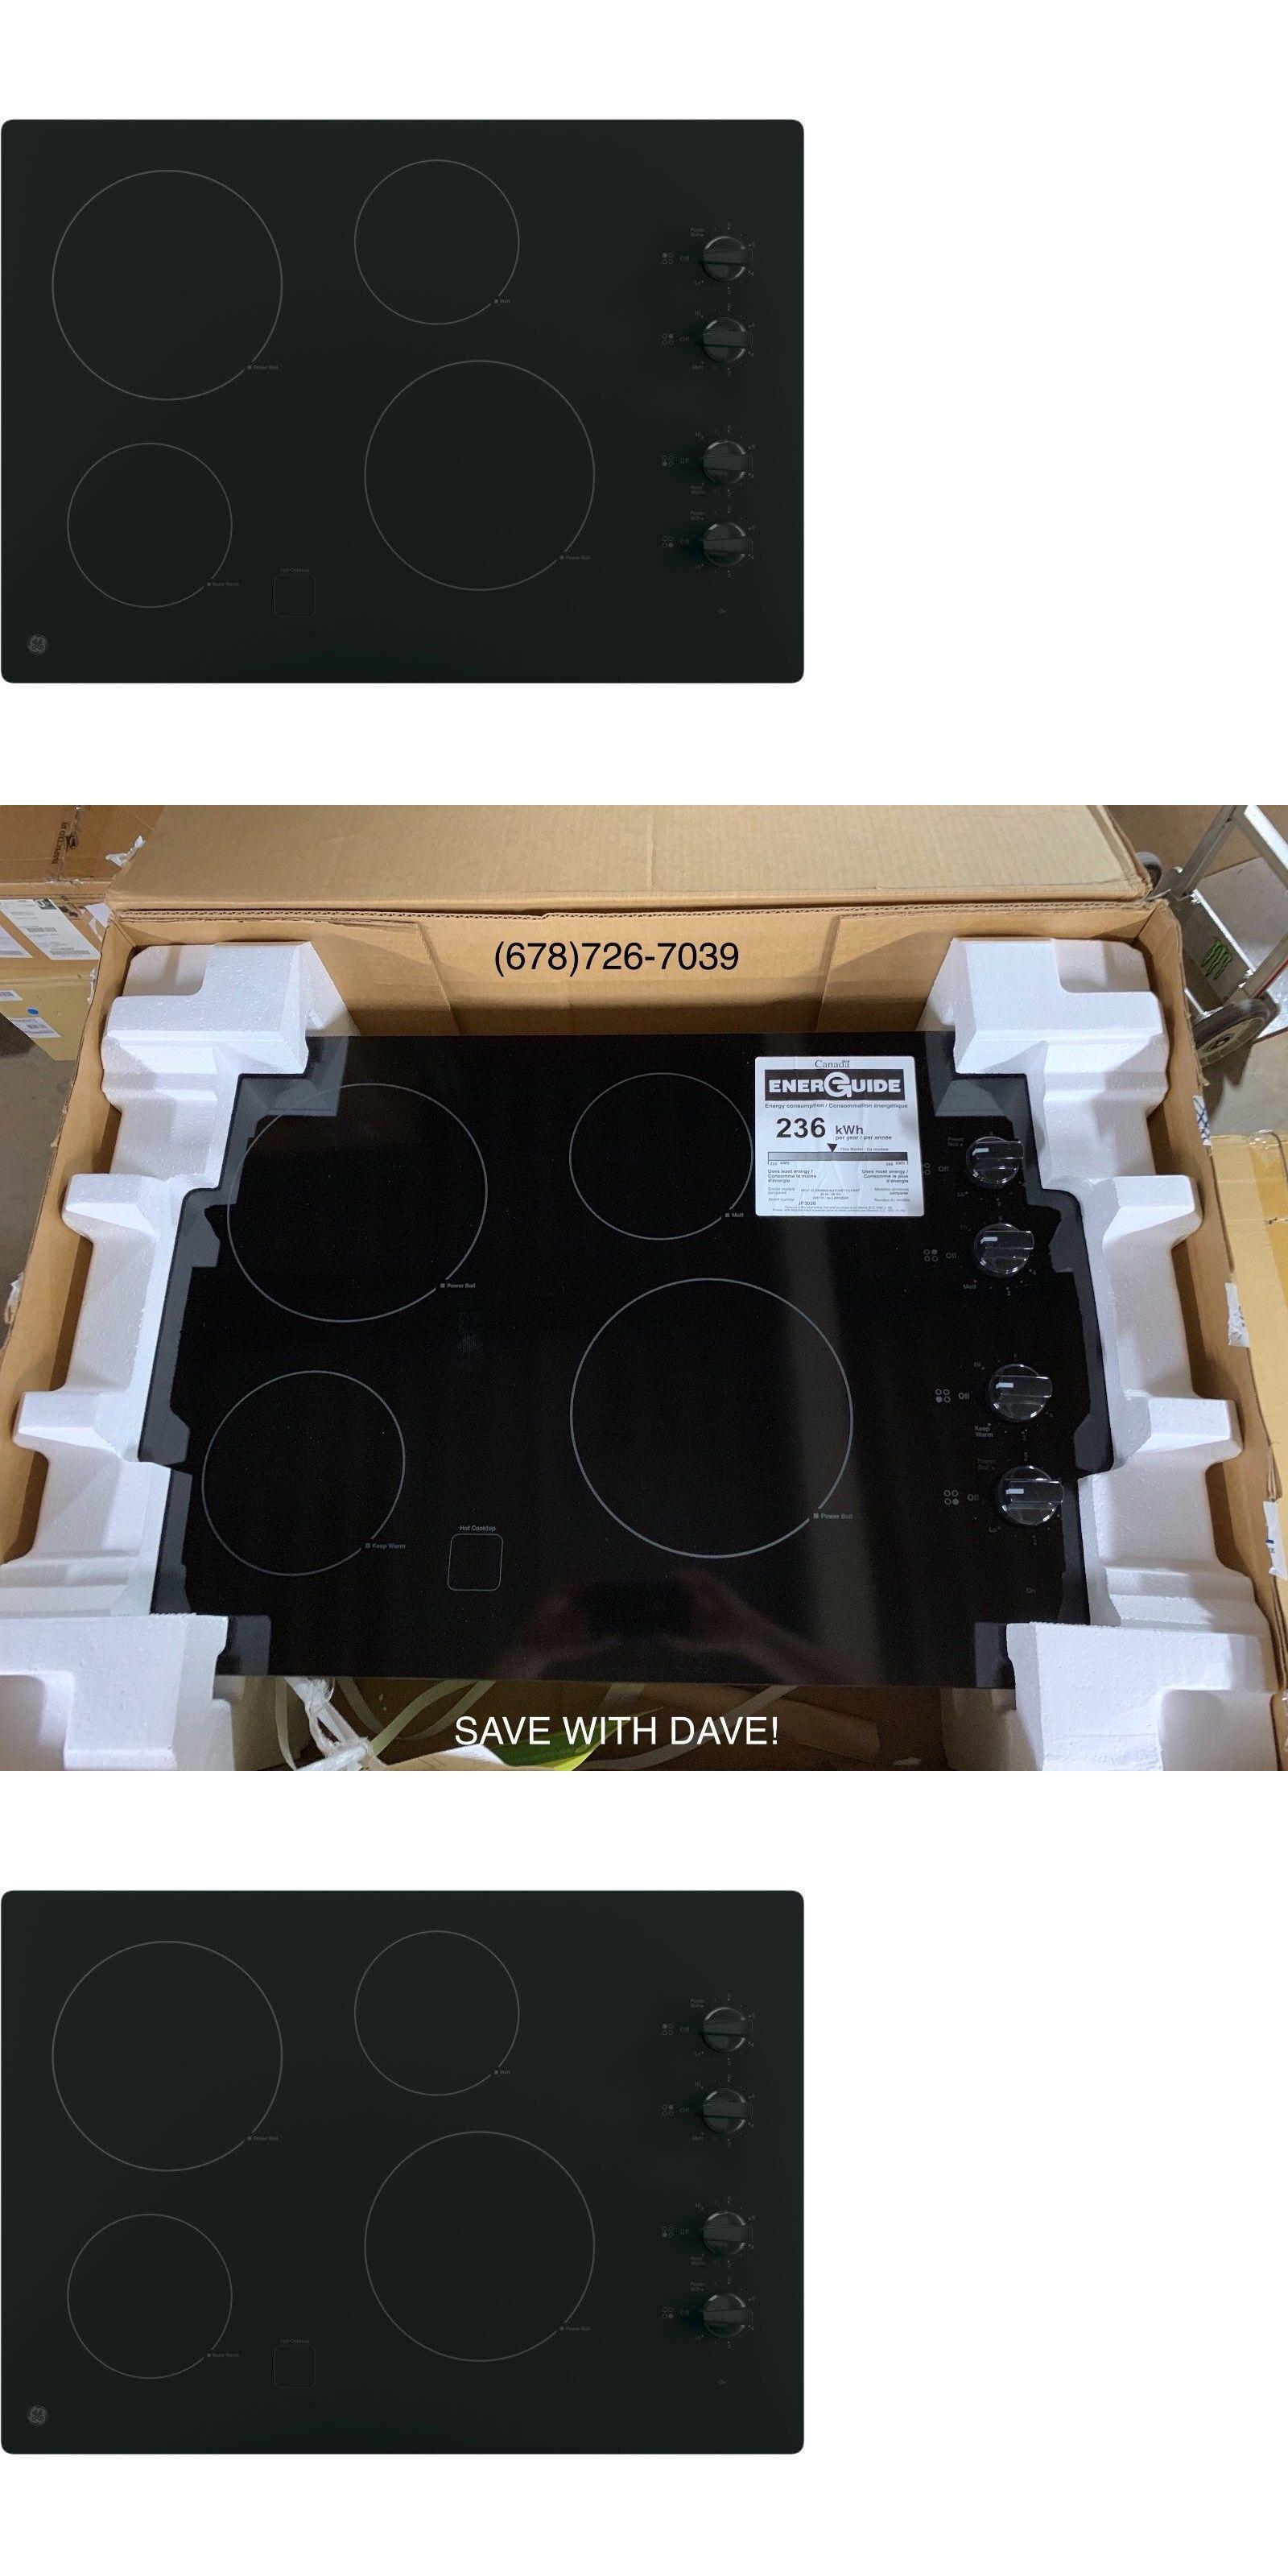 Cooktops ge jpdjbb electric cooktop black ue buy it